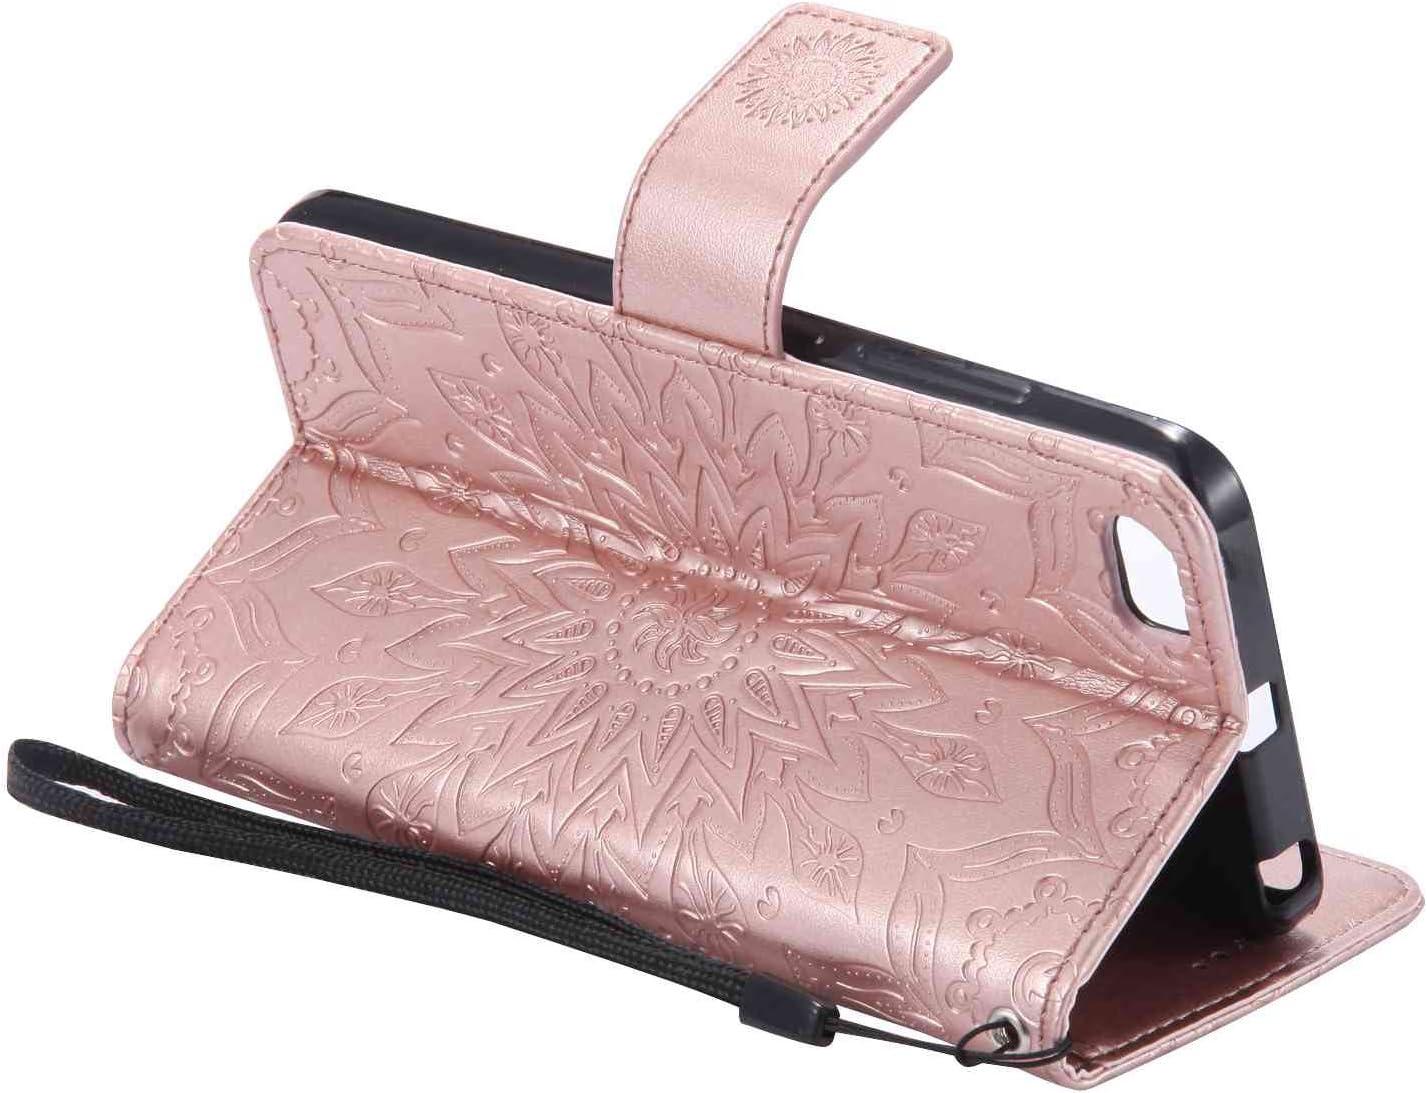 Guran® Funda de Cuero Para Xiaomi Mi5 Smartphone Función de Soporte con Ranura para Tarjetas Flip Case Cover-oro rosa: Amazon.es: Electrónica